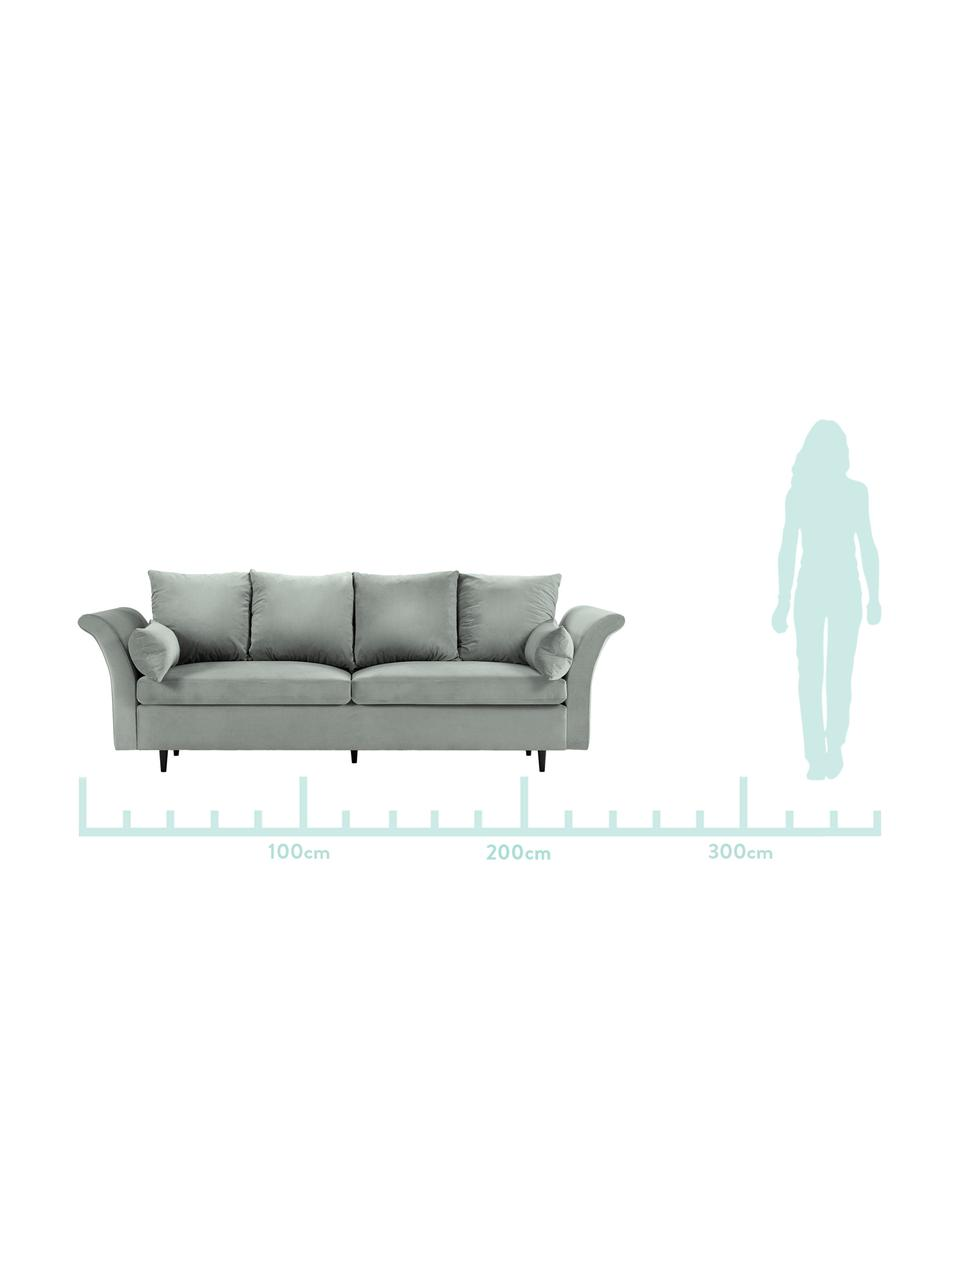 Sofa z aksamitu z funkcją spania i miejscem do przechowywania Lola (3-osobowa), Tapicerka: aksamit poliestrowy Dzięk, Nogi: drewno sosnowe, lakierowa, Jasny szary, S 245 x G 95 cm